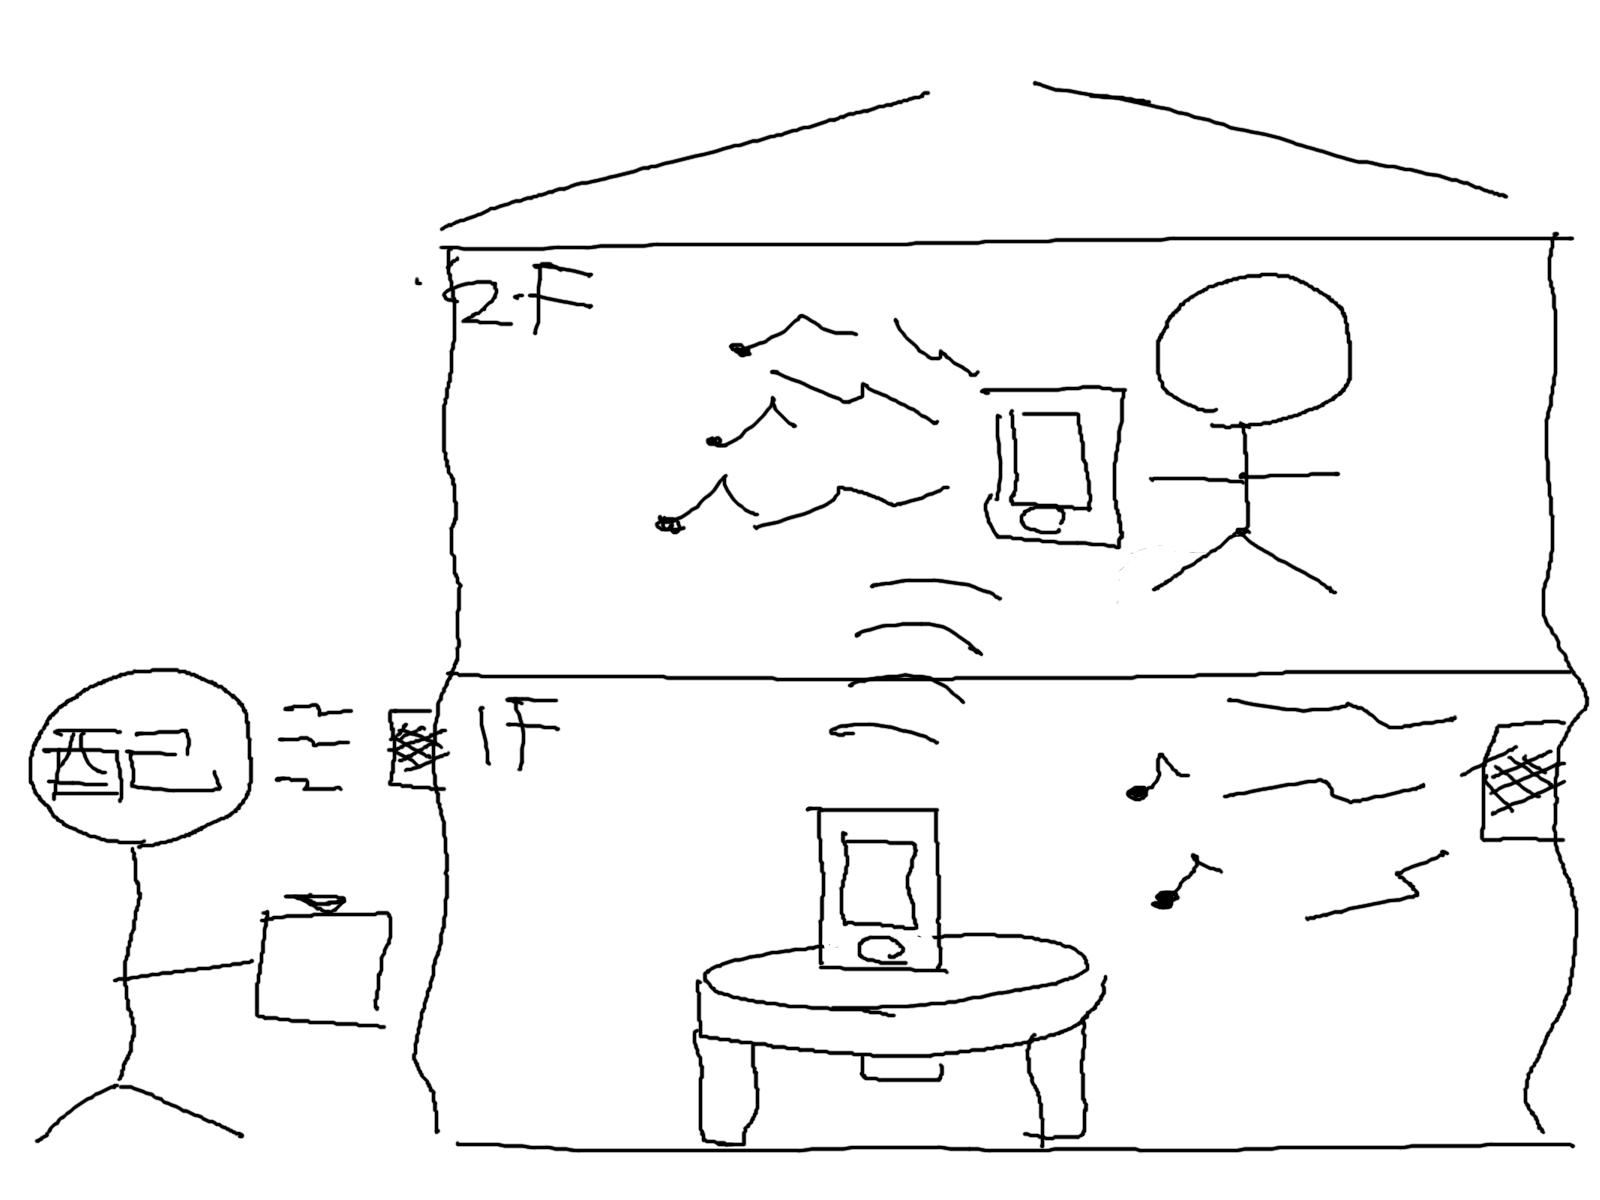 2階や自室でインターホンが聞こえない場合の図